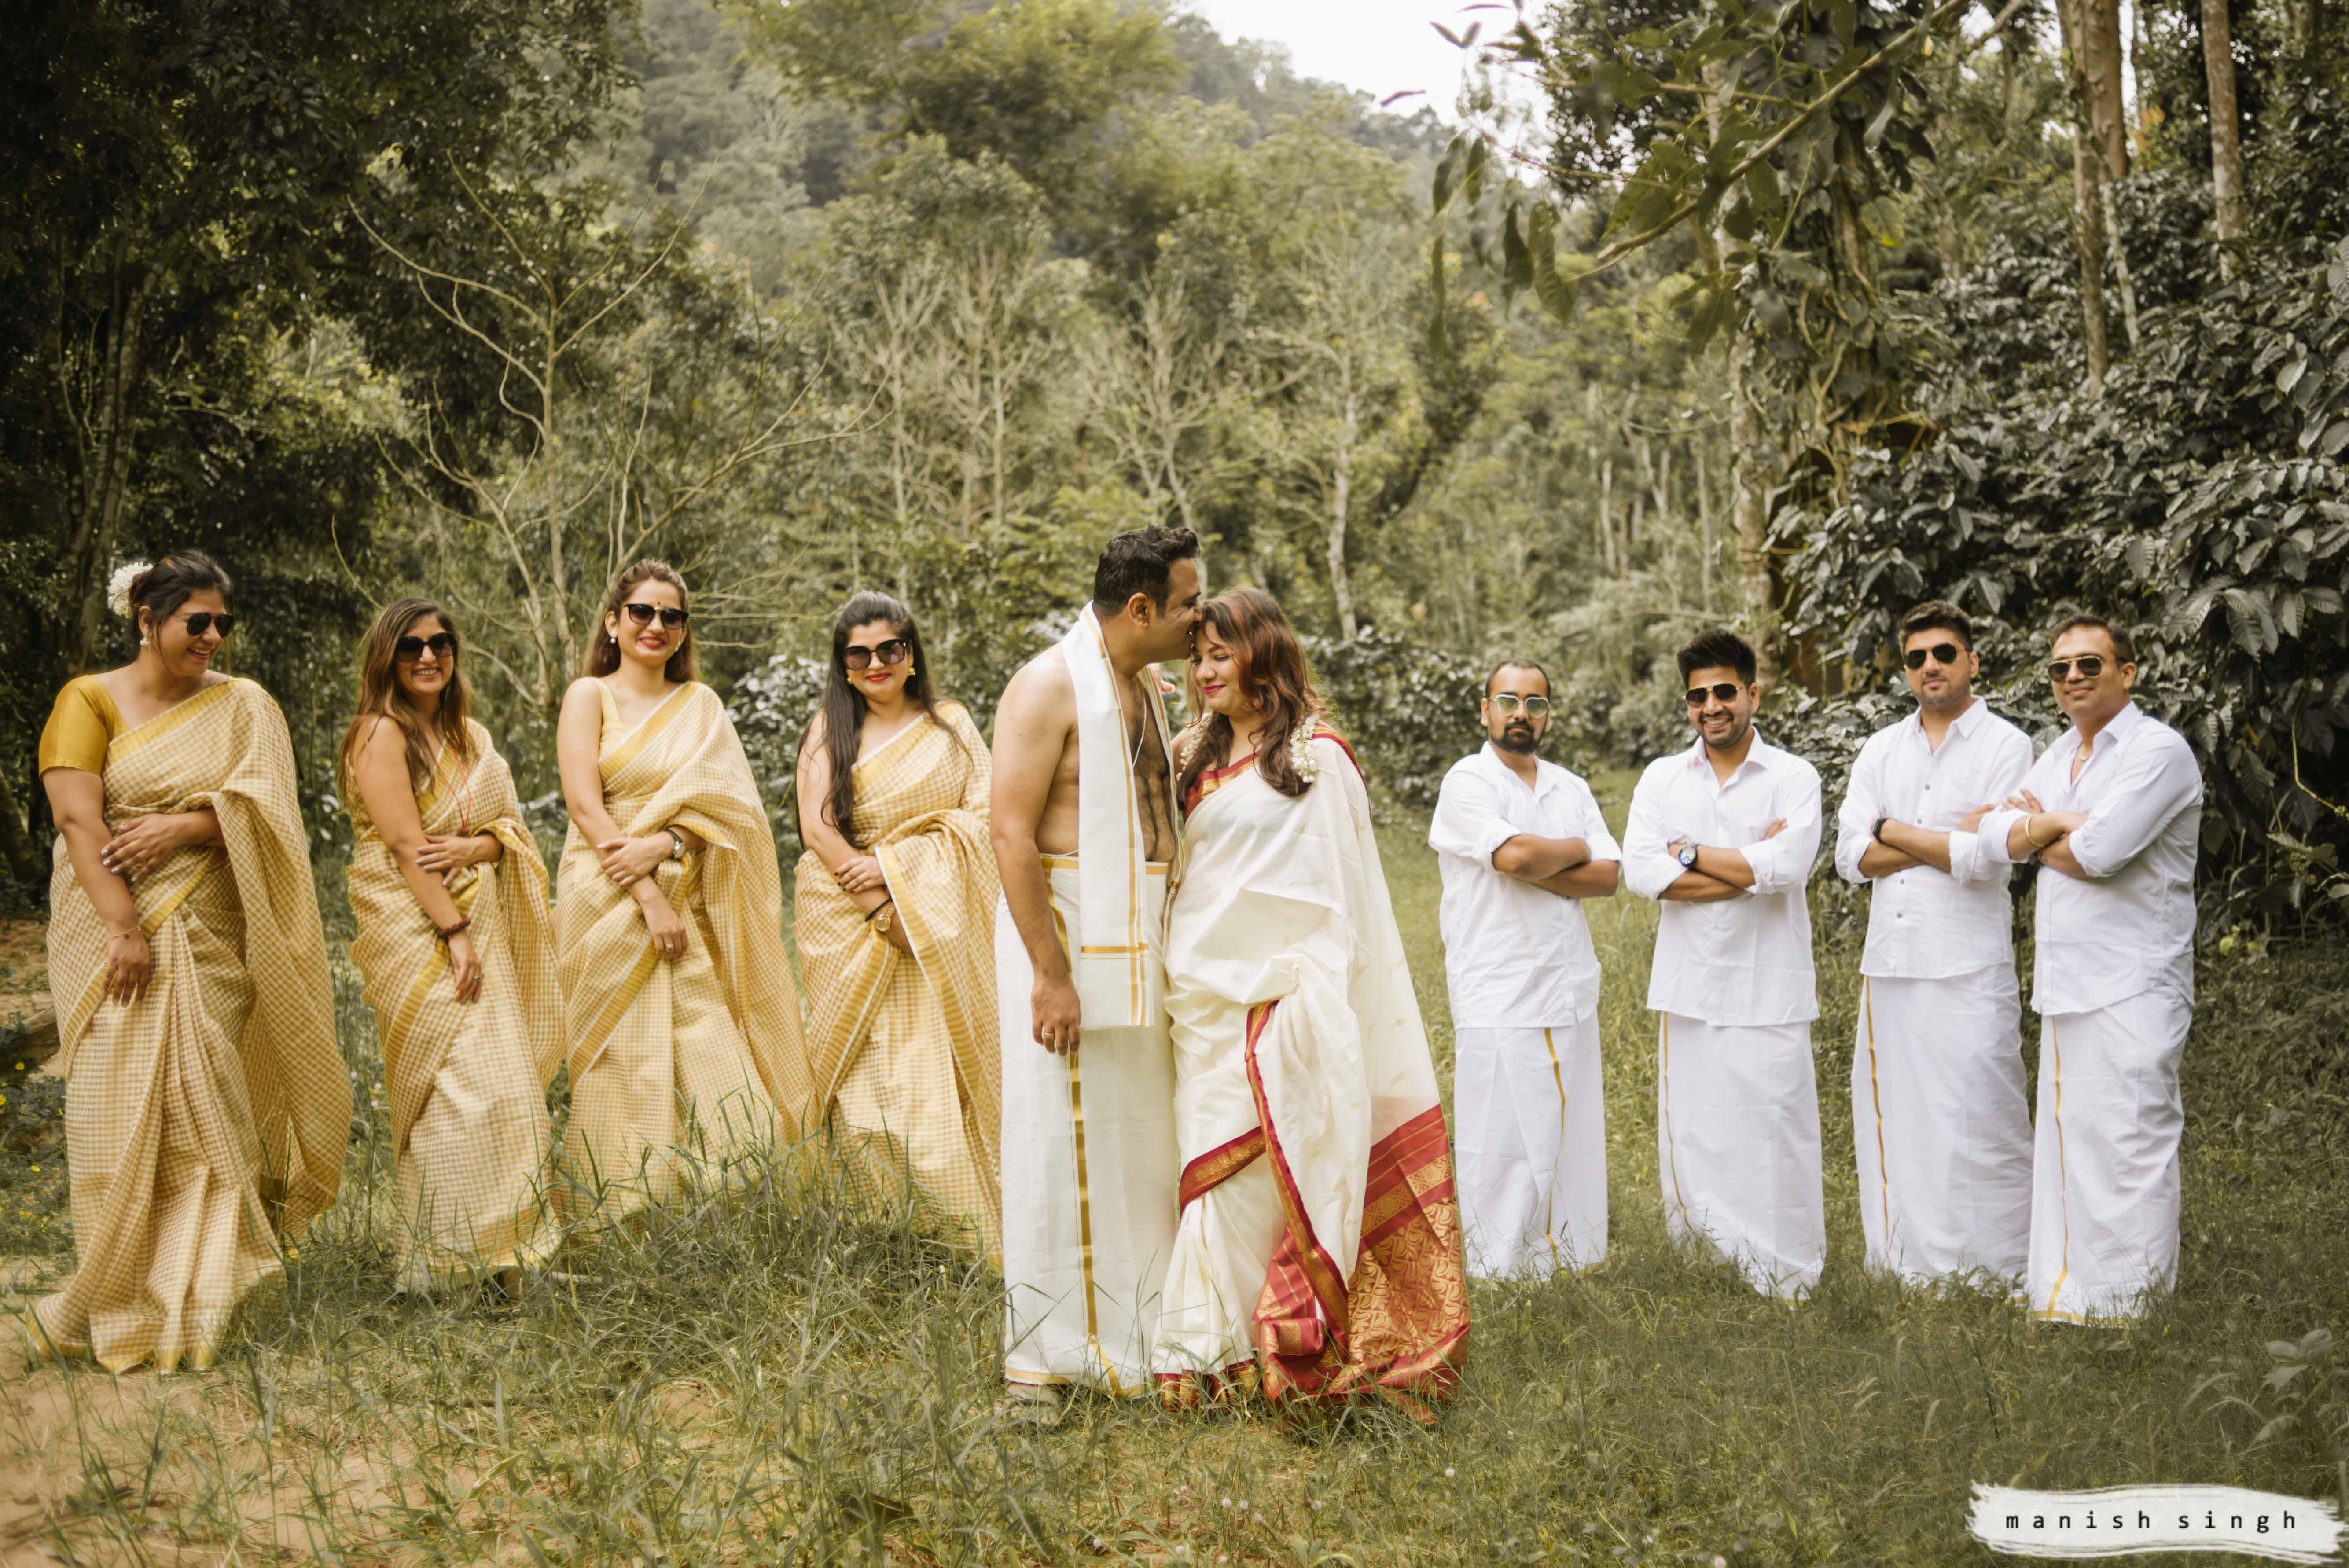 Pre-wedding photoshoot at mukteswar temple bhubaneswar